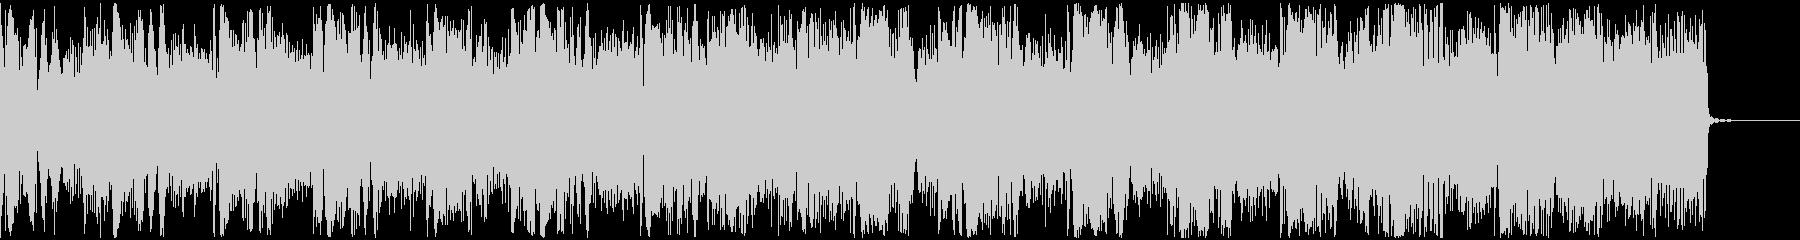 【フューチャーベース】ロング2ショート6の未再生の波形